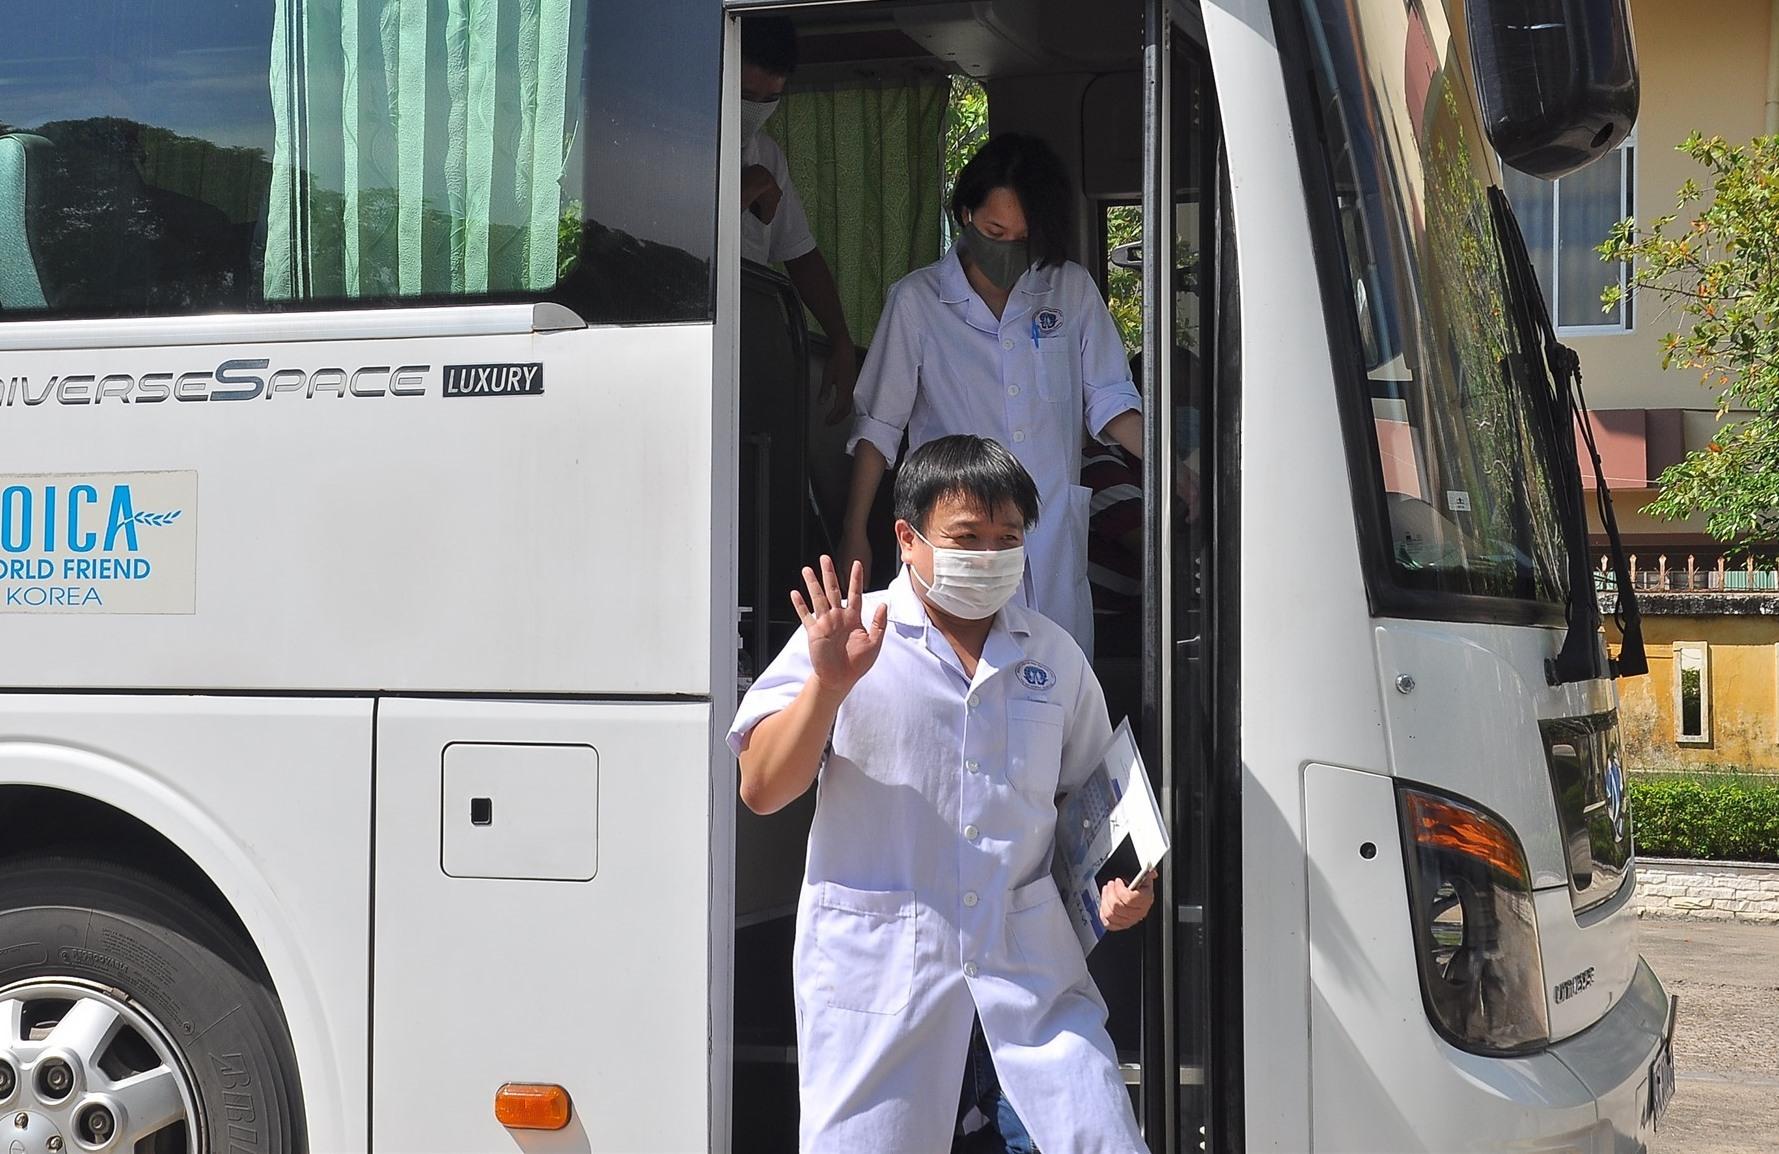 Đoàn y bác sĩ tình nguyện tỉnh Phú Thọ vui vẻ khi đặt chân đến Quảng Nam. Ảnh: VINH ANH